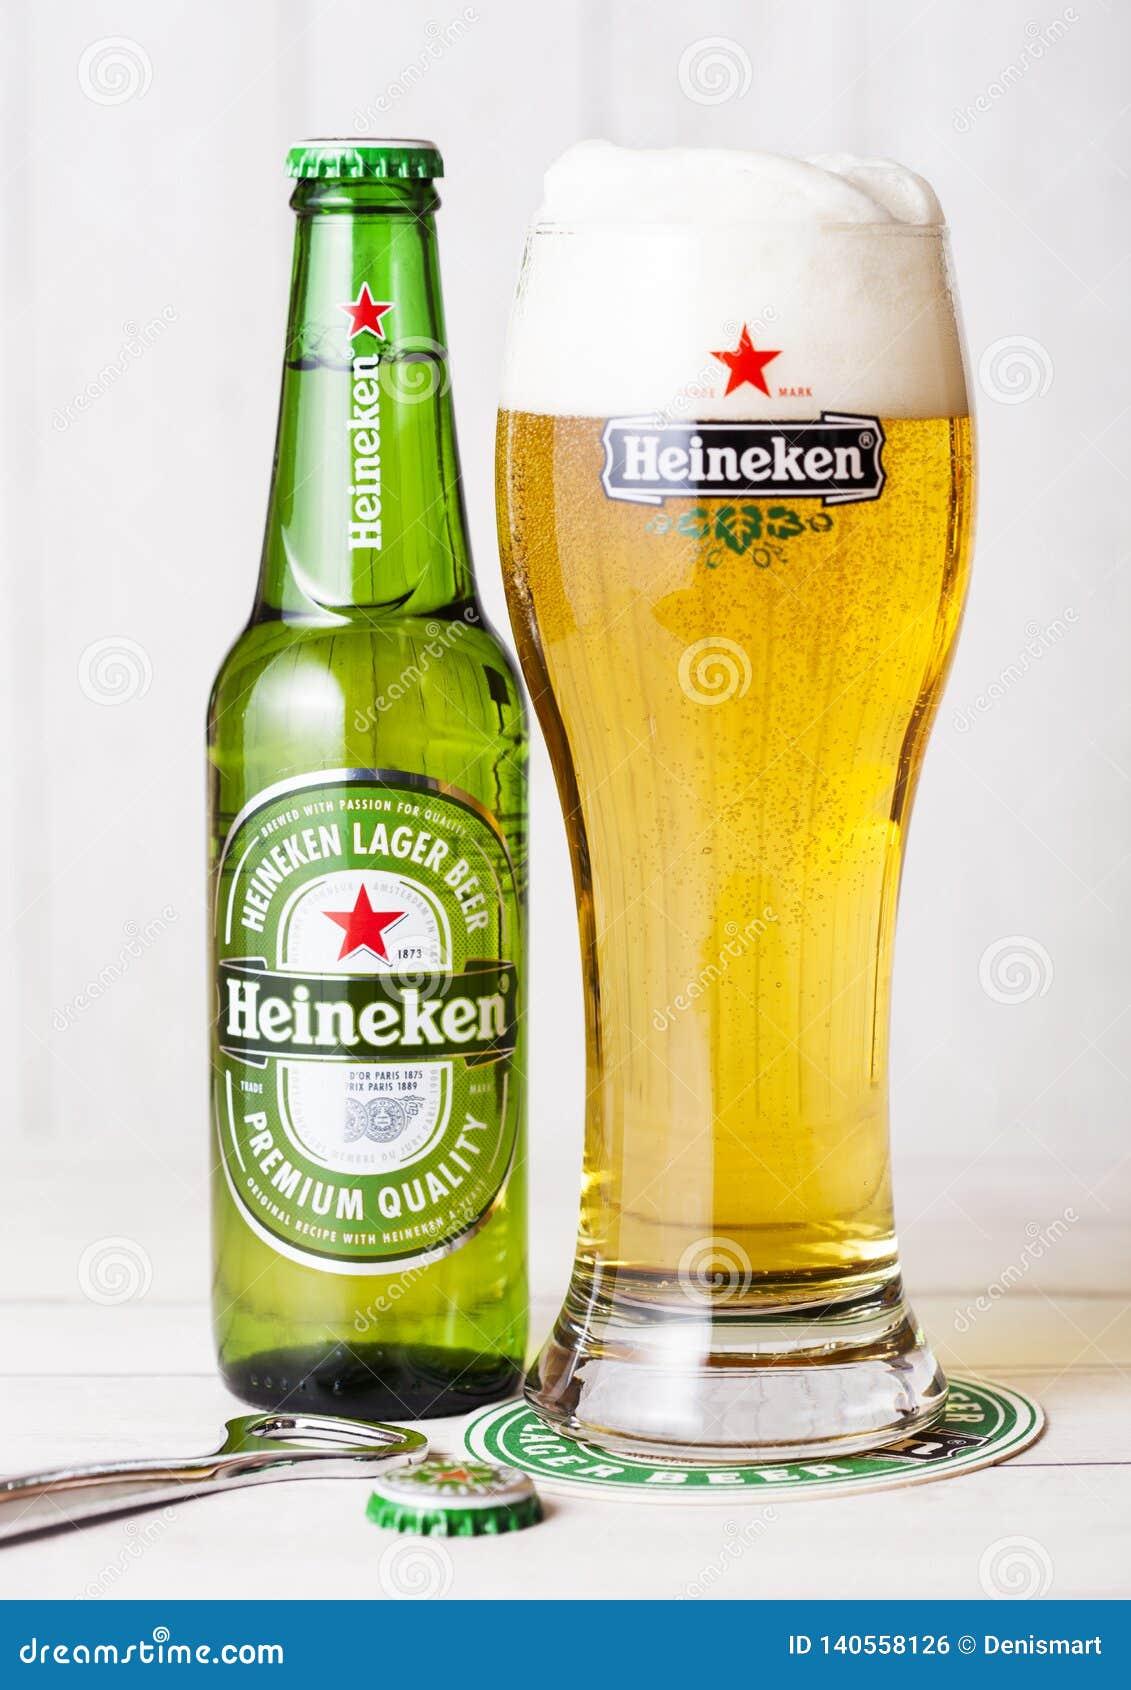 LONDRES, REINO UNIDO - 27 DE ABRIL DE 2018: Botella de Heineken Lager Beer en fondo de madera con el vidrio original